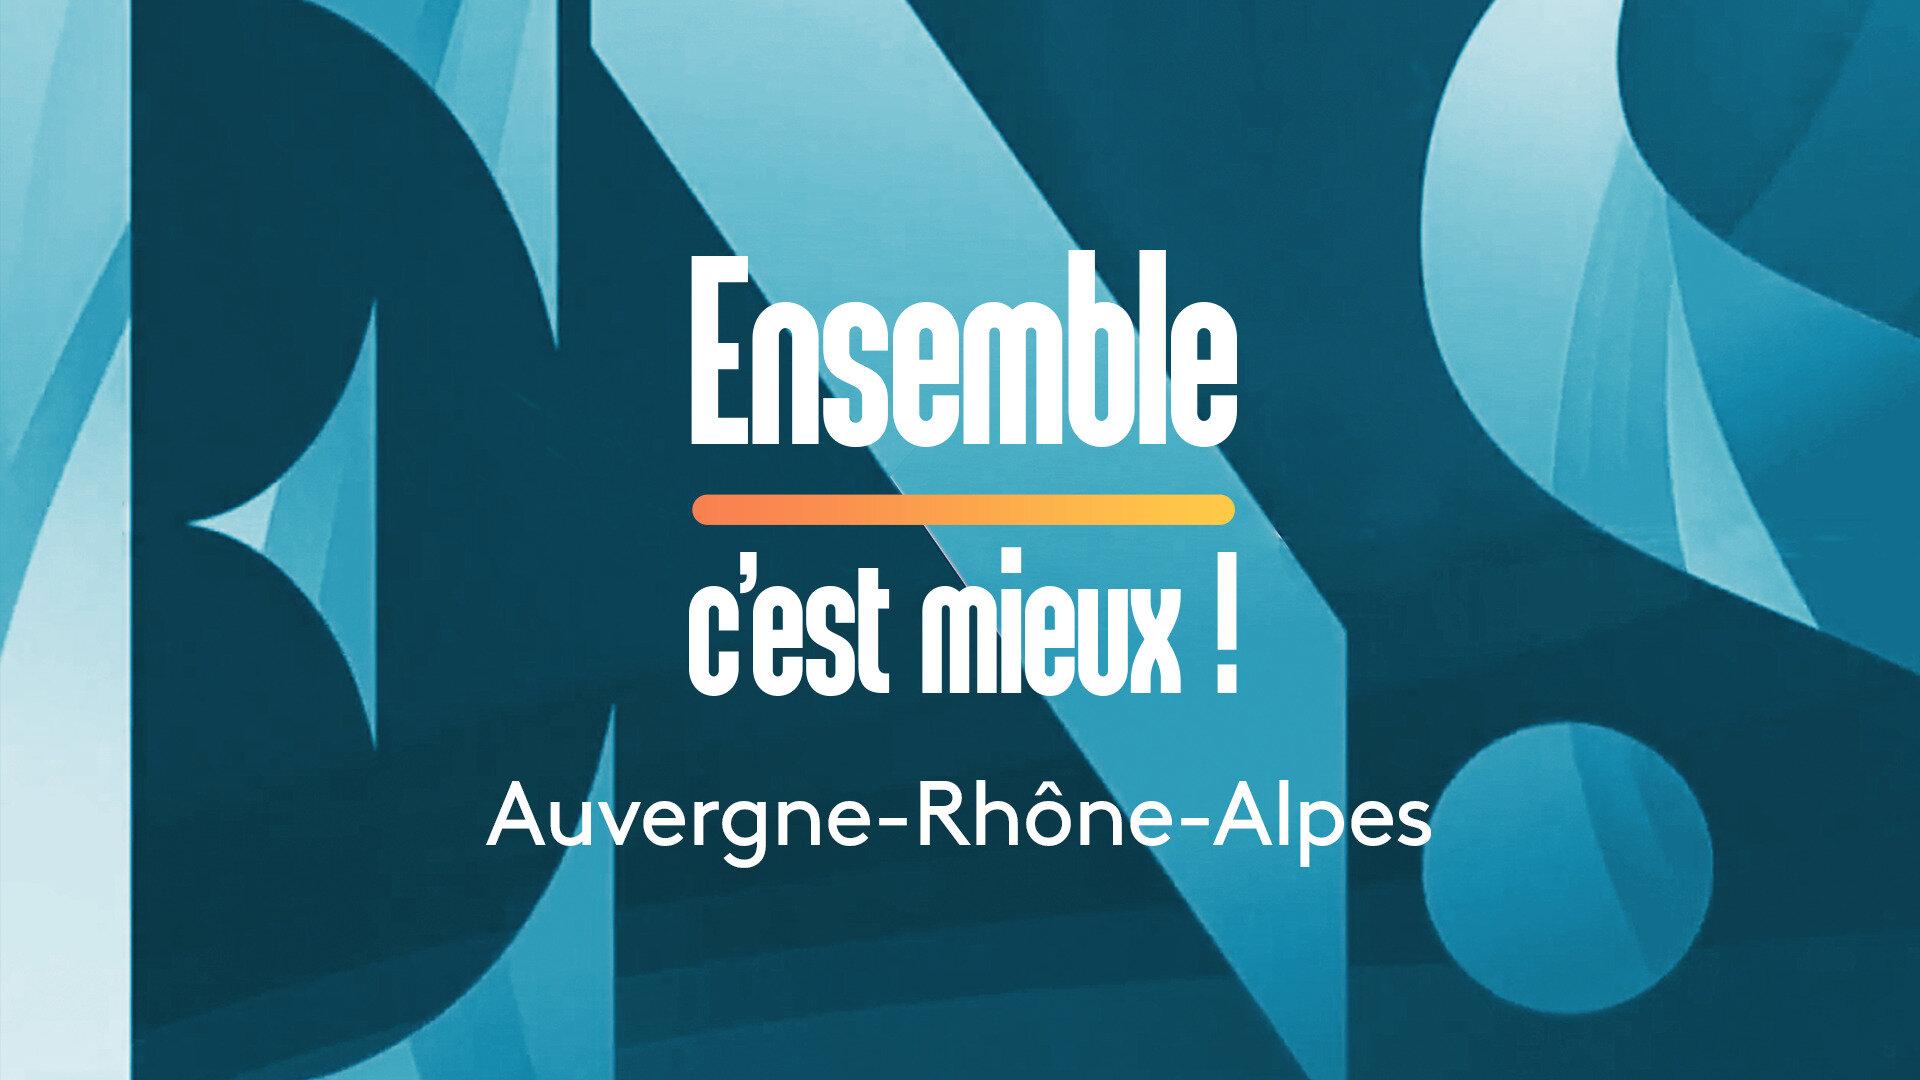 Ensemble c'est mieux ! Alpes-Auvergne-Rhône-Alpes : Nous paysans - De la terre à la production